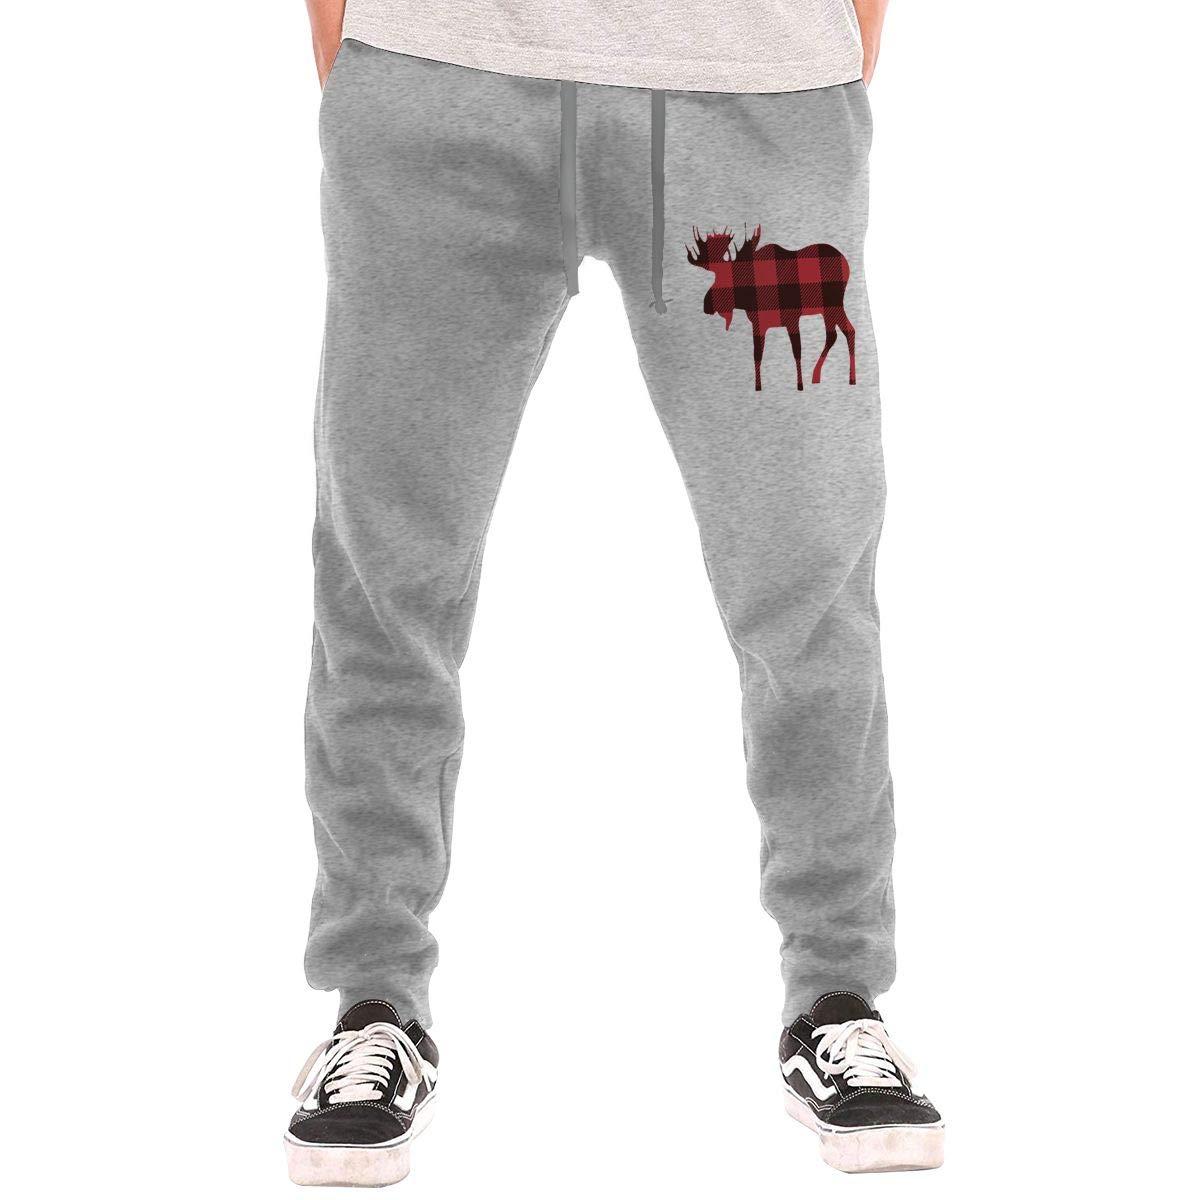 AucCen Mens Buffalo Plaid Moose Active Basic Jogger Cotton Pants Gray